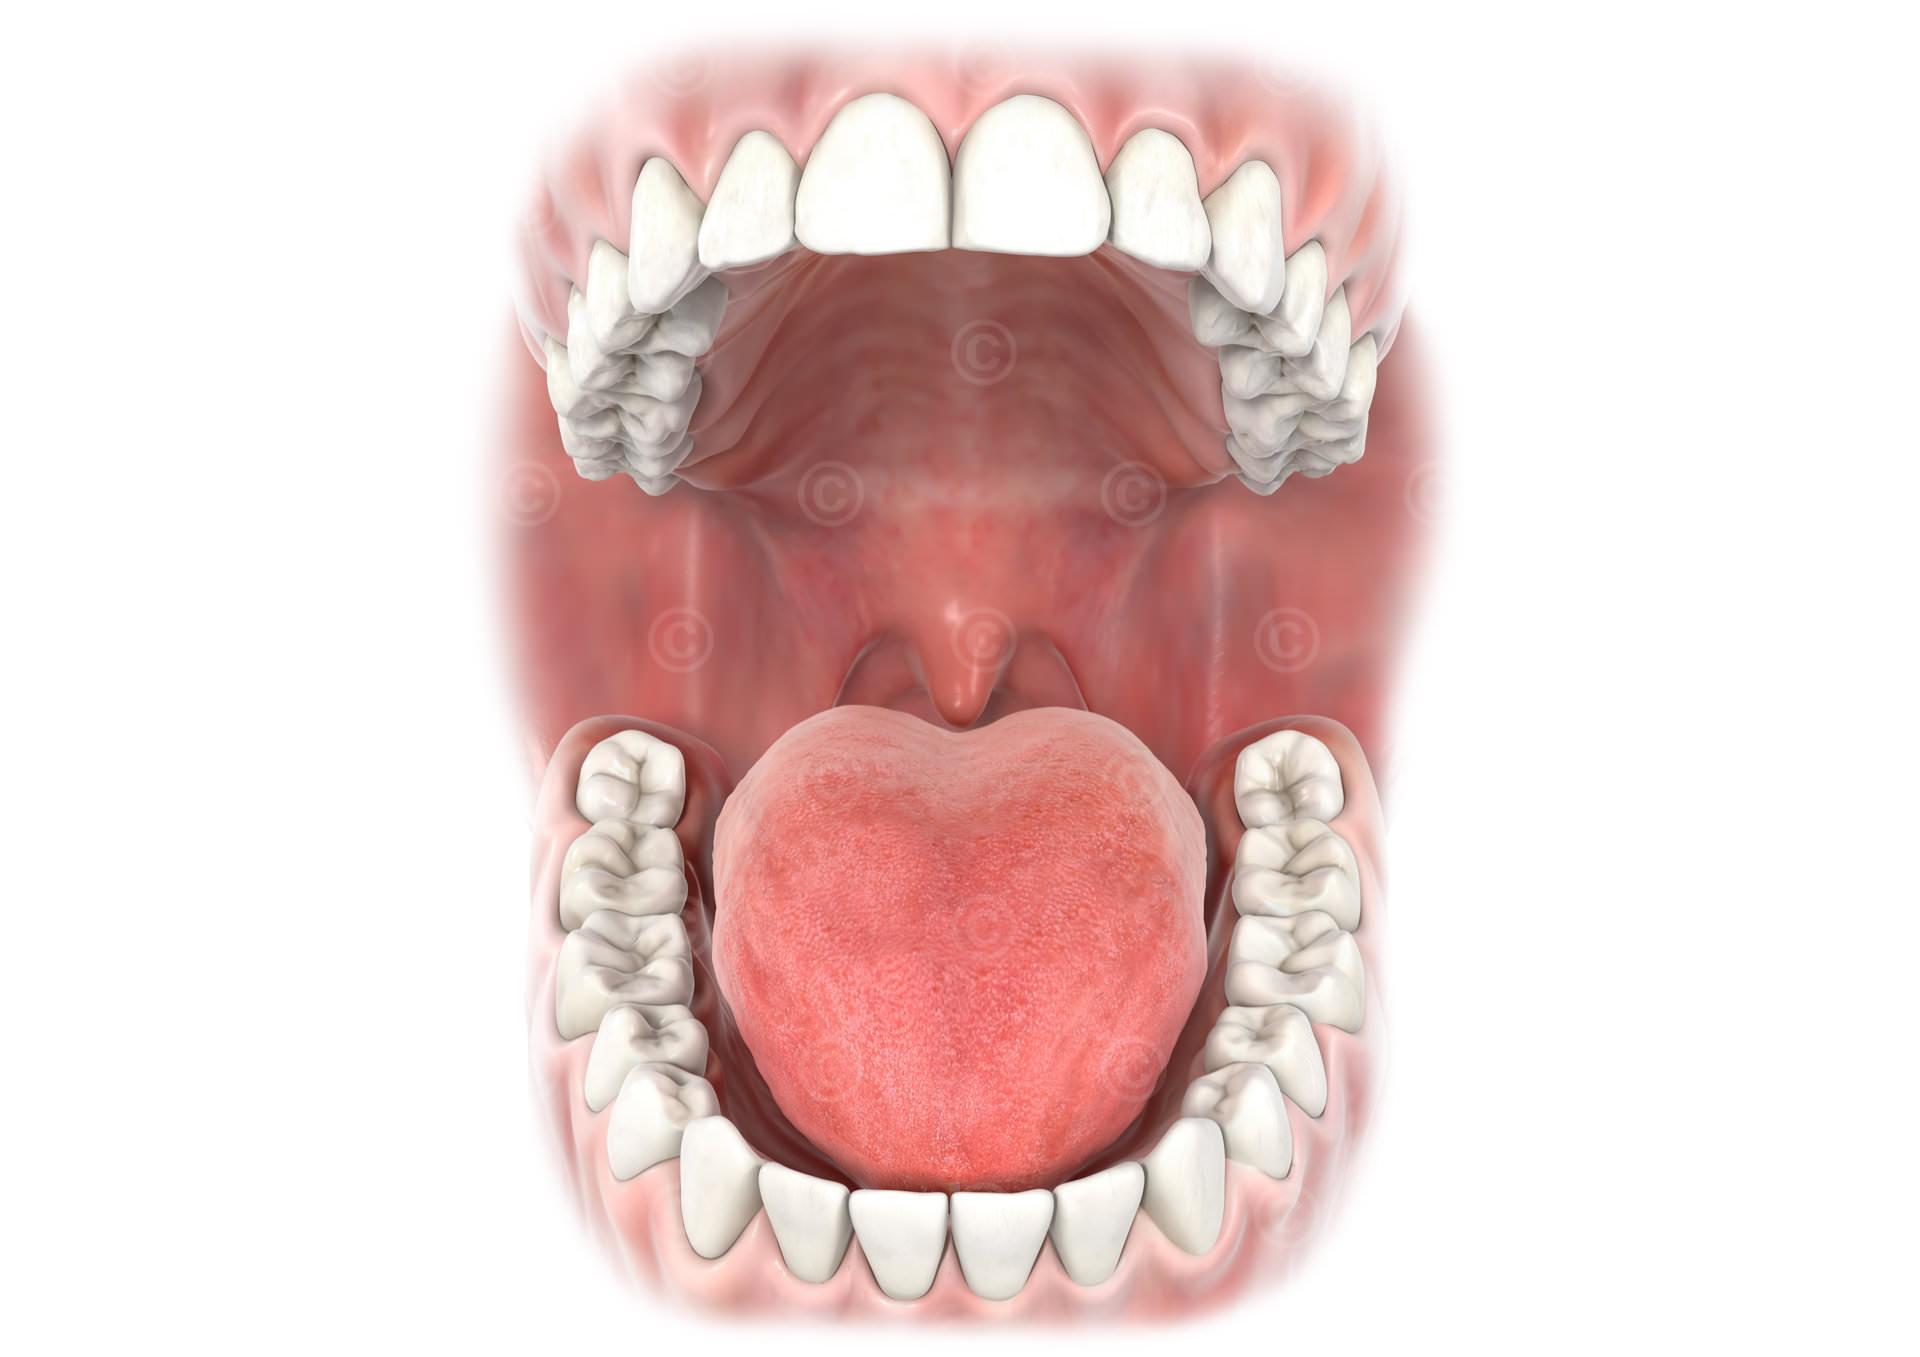 Offener Mund mit Zähnen - Medizinische Illustration und Grafik